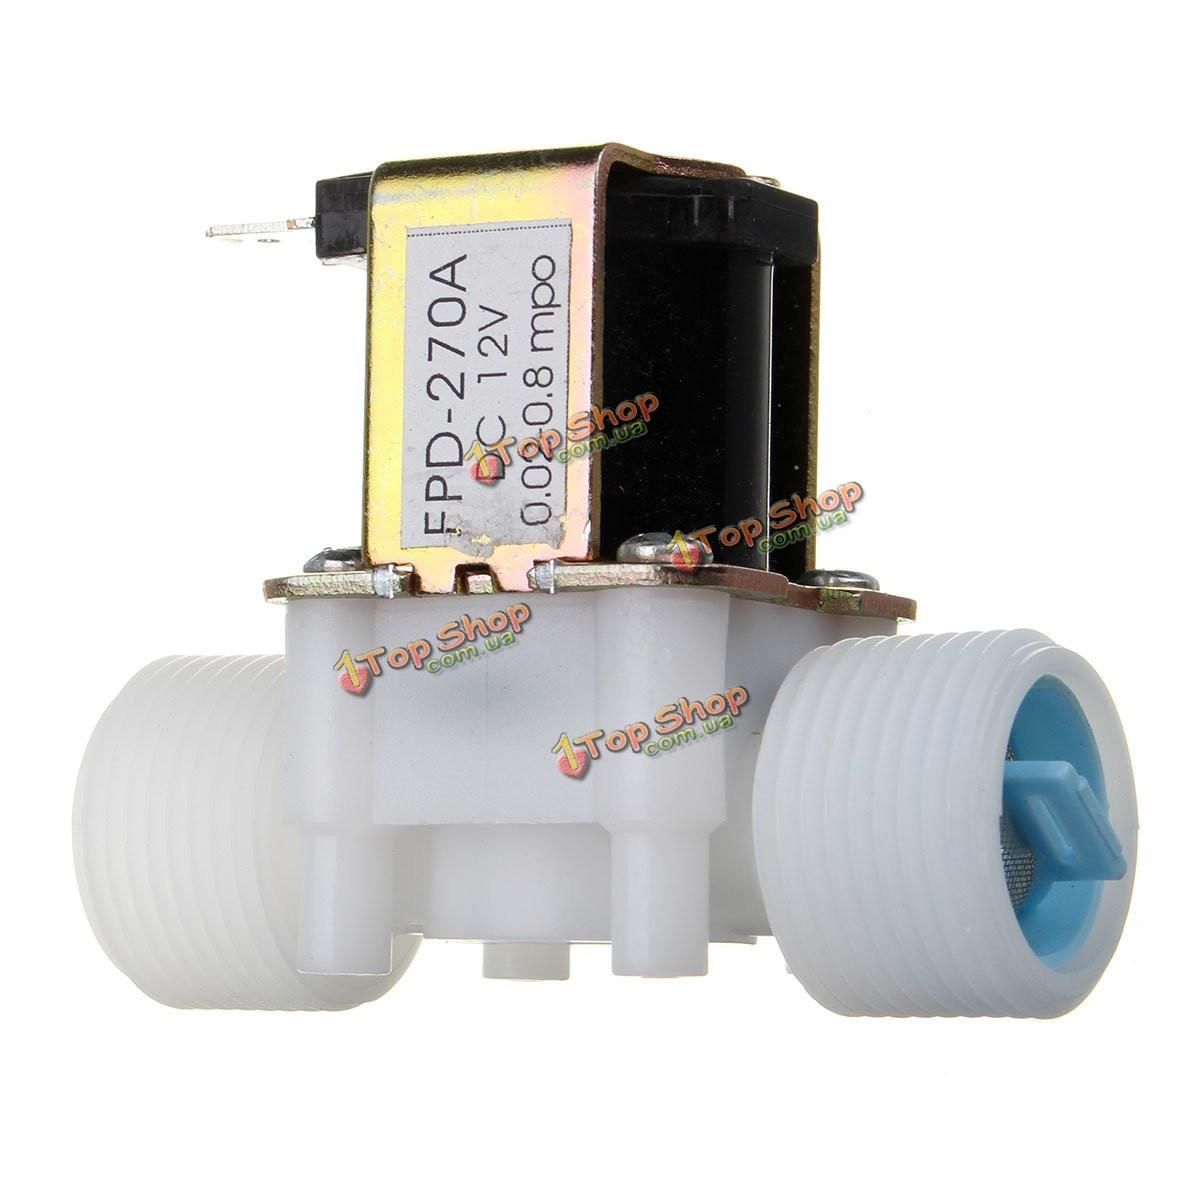 G3/4 12v стр нормально закрытый электромагнитный клапан типа воды отводящего устройства - ➊TopShop ➠ Товары из Китая с бесплатной доставкой в Украину! в Киеве